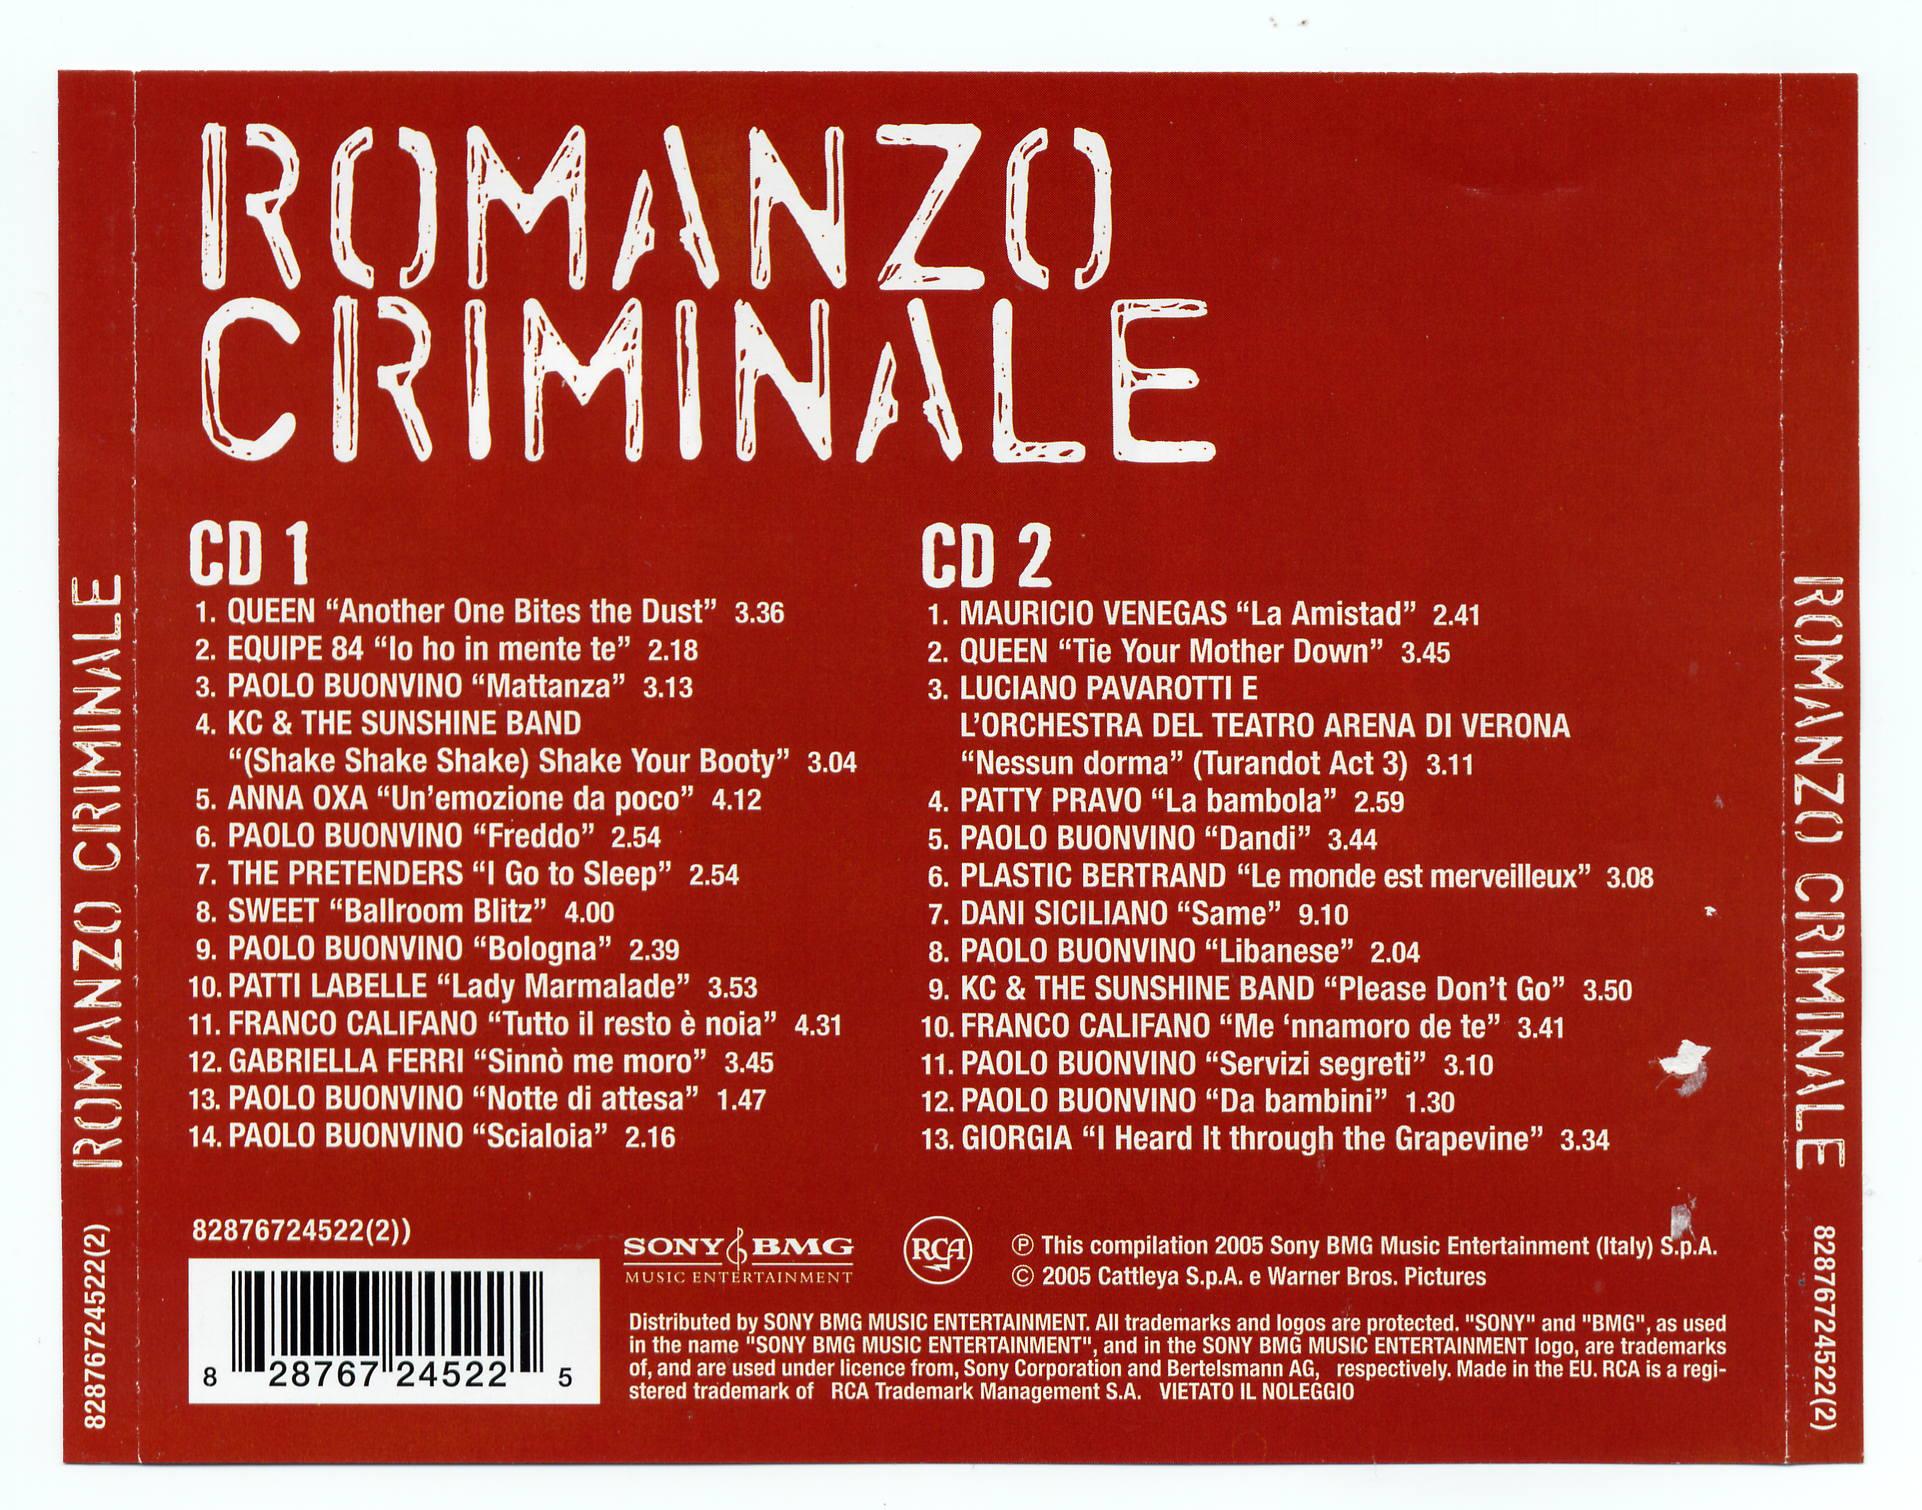 Romanzo criminale la serie colonna sonora spotify playlist.